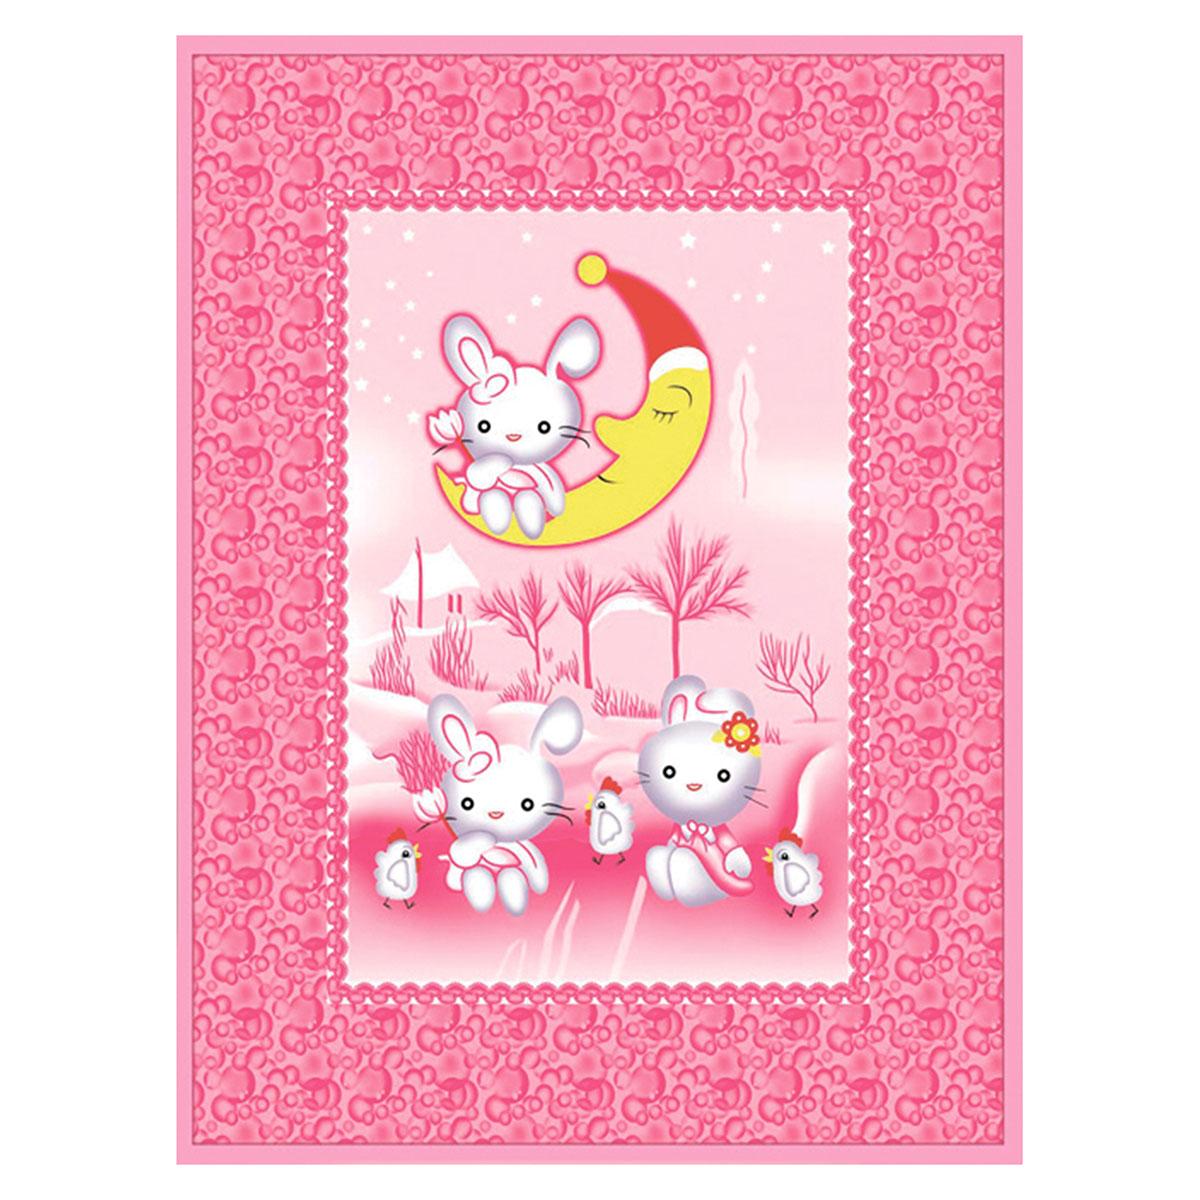 Одеяло Baby Nice байковое 100% хлопок 100х140 Зайка на луне (голубой, розовый, зеленый)